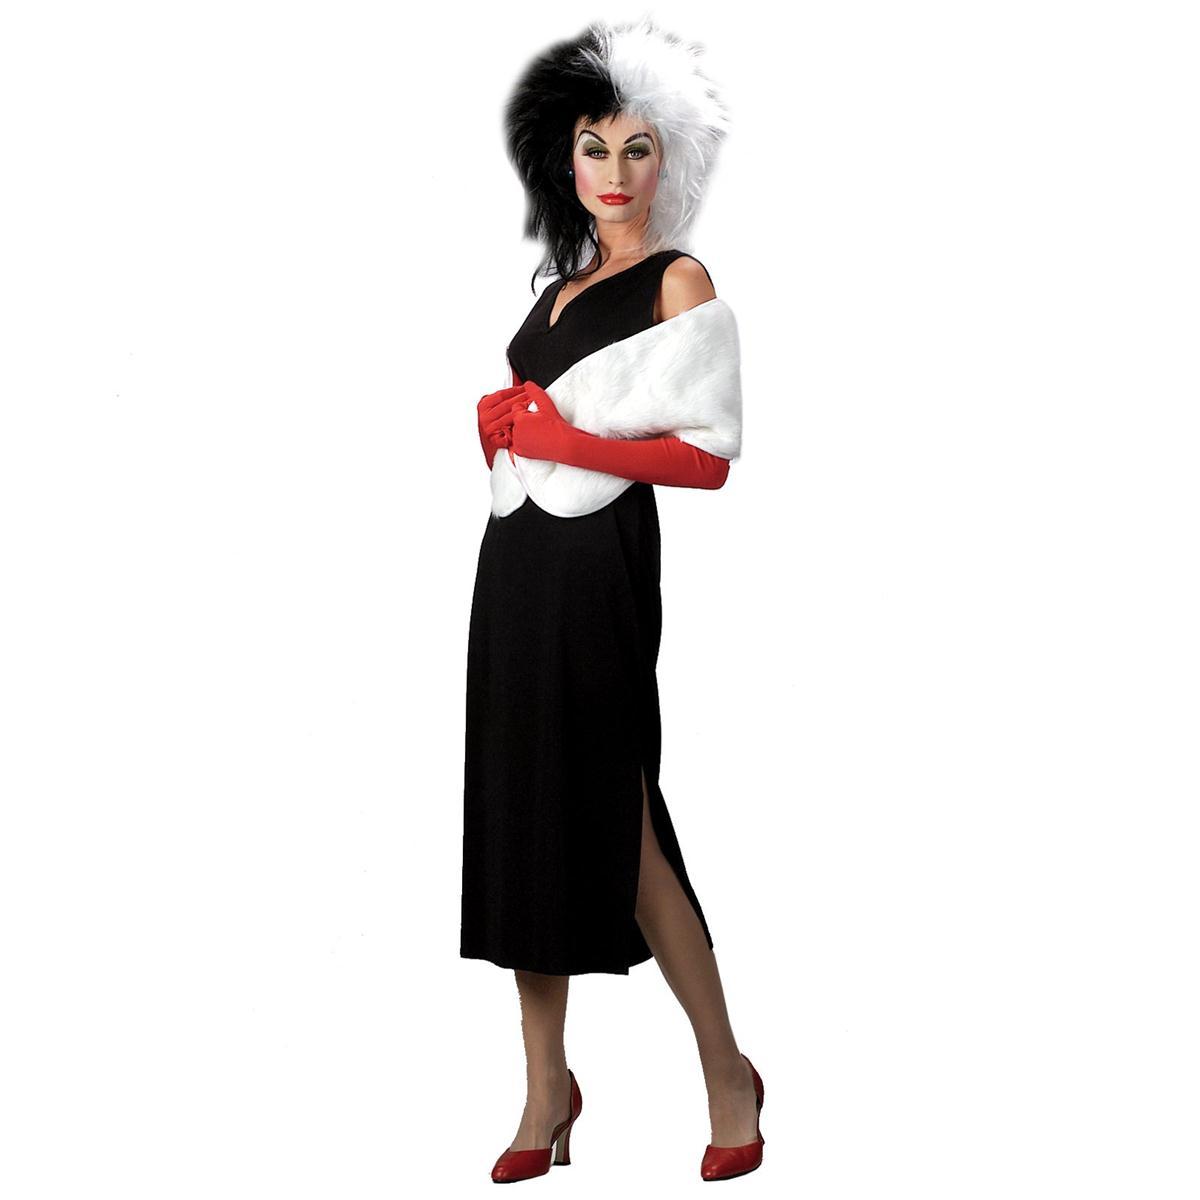 ハロウィン クルエラ 衣装 ディズニー コスチューム 大人 女性用 101匹わんちゃん 悪役 ヴィランズ キャラクター 仮装